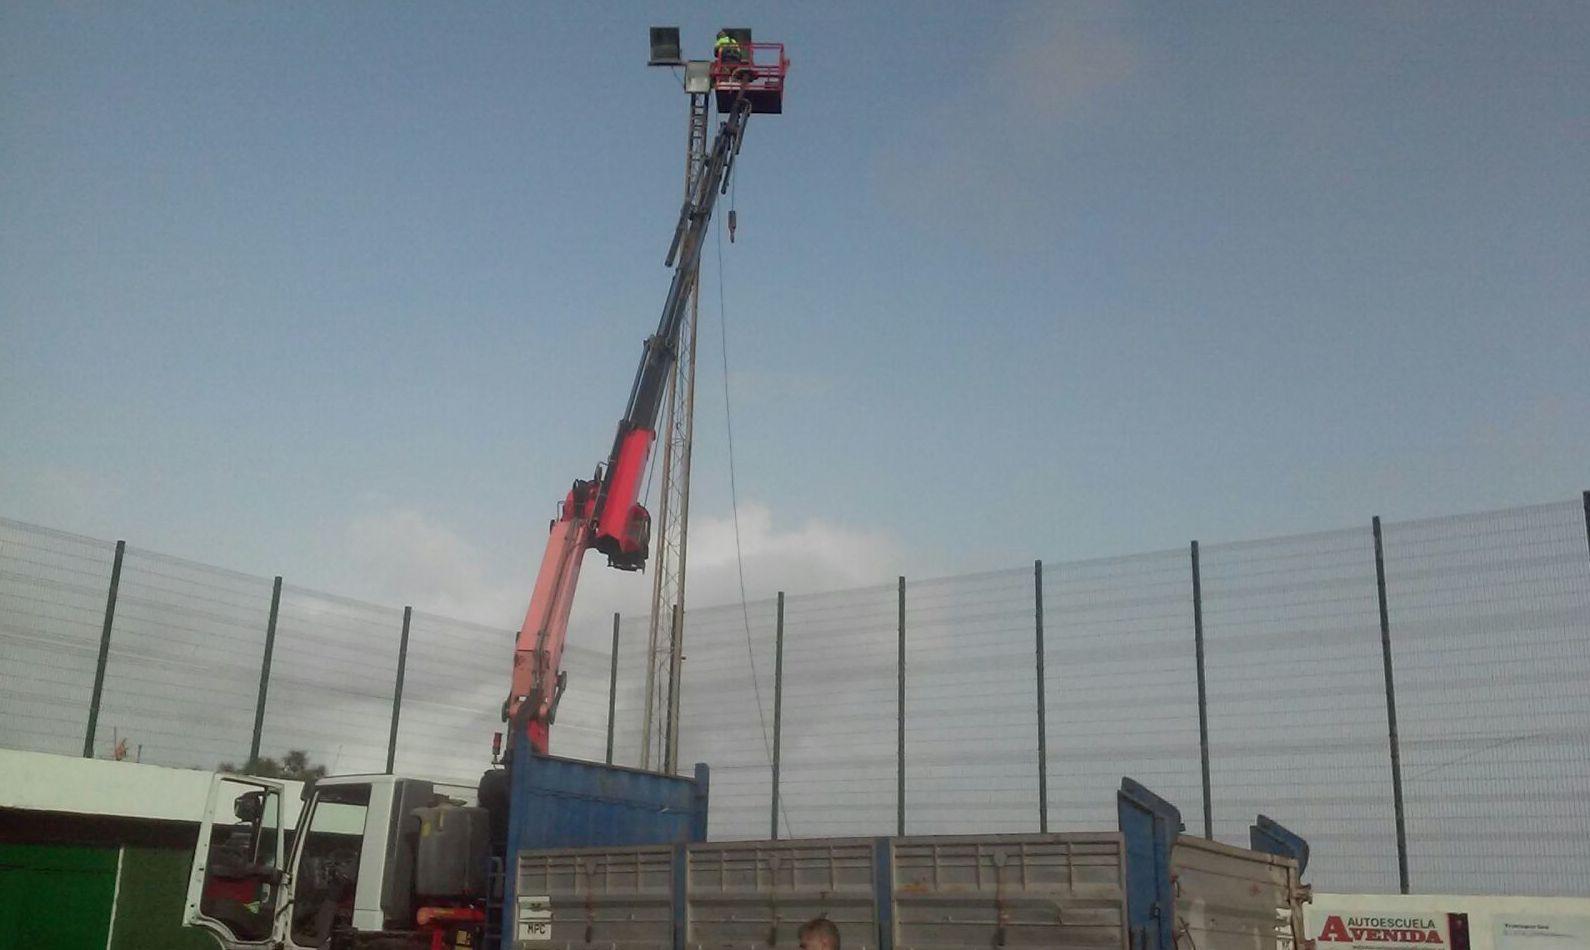 Servicio de camión grúa en campo de fútbol